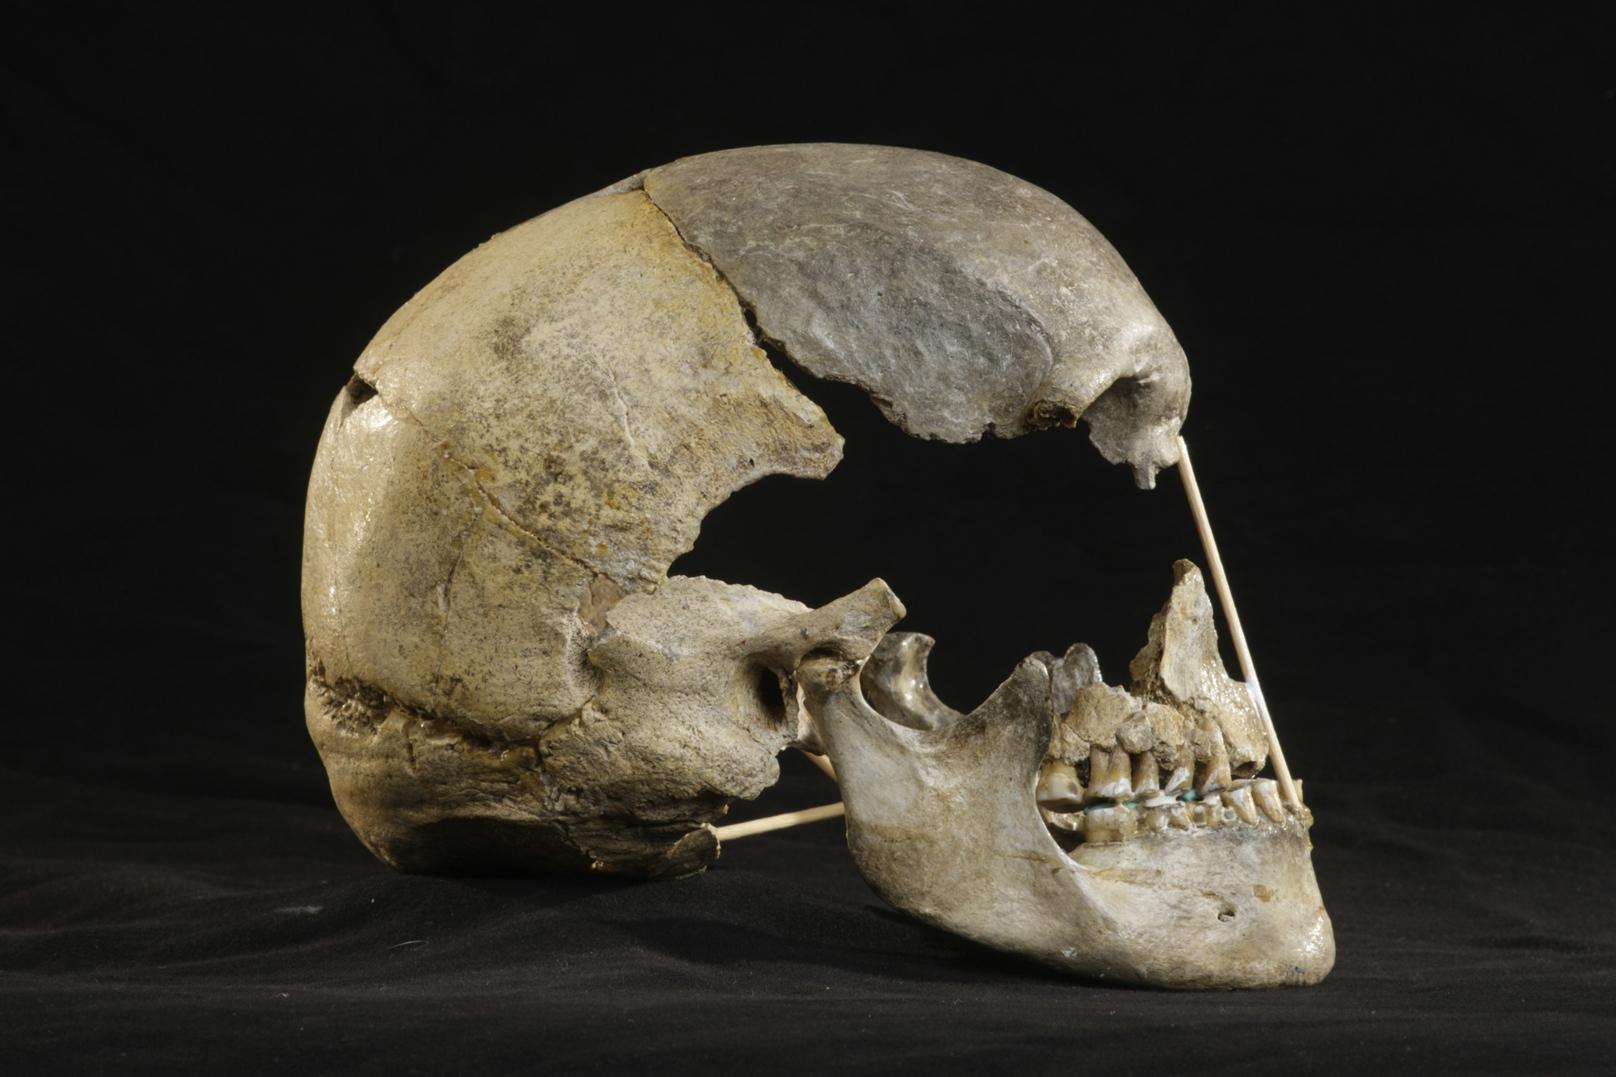 Encontrado el ADN de humano moderno más antiguo hasta la fecha